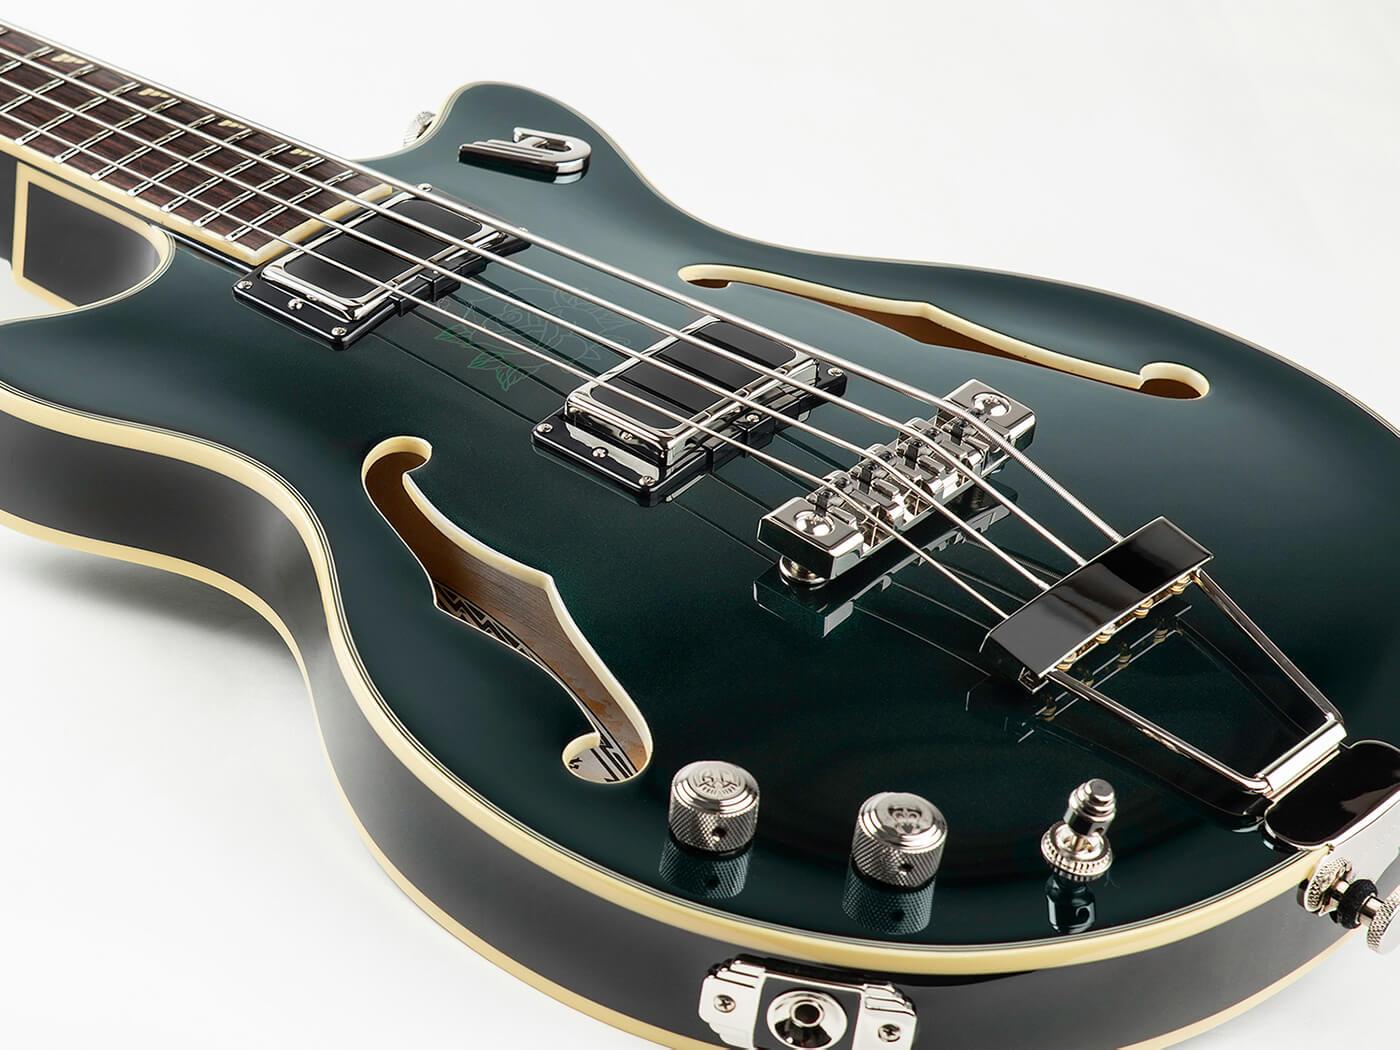 Duesenberg Dropkick Murphys Alliance Series LH Bass